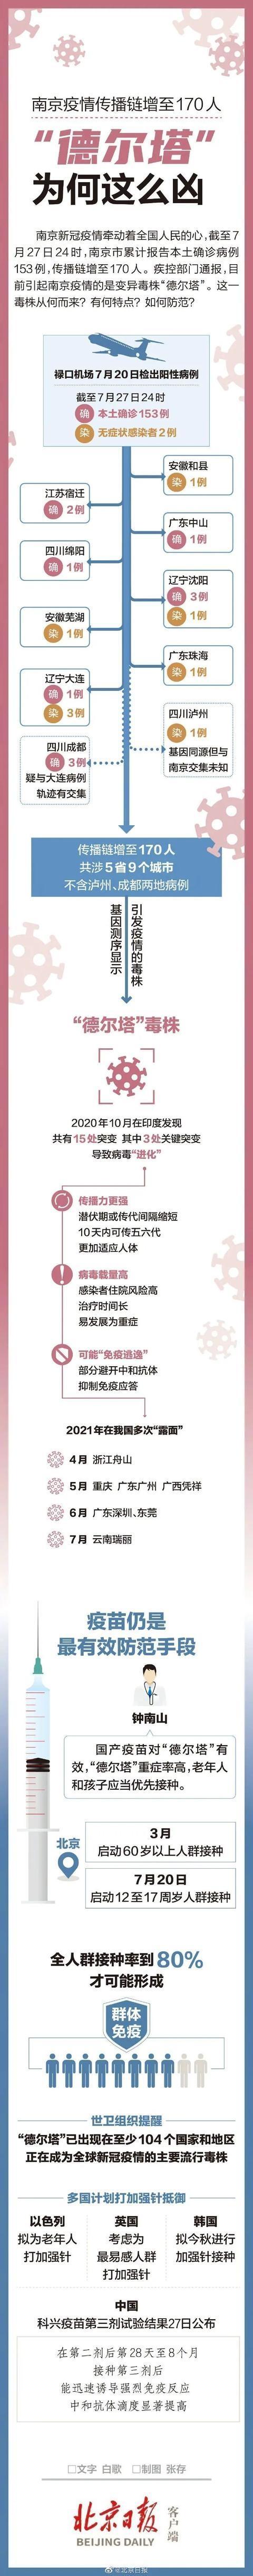 一图看懂德尔塔毒株为何这么凶:南京疫情传播链增至170人、传染性更强